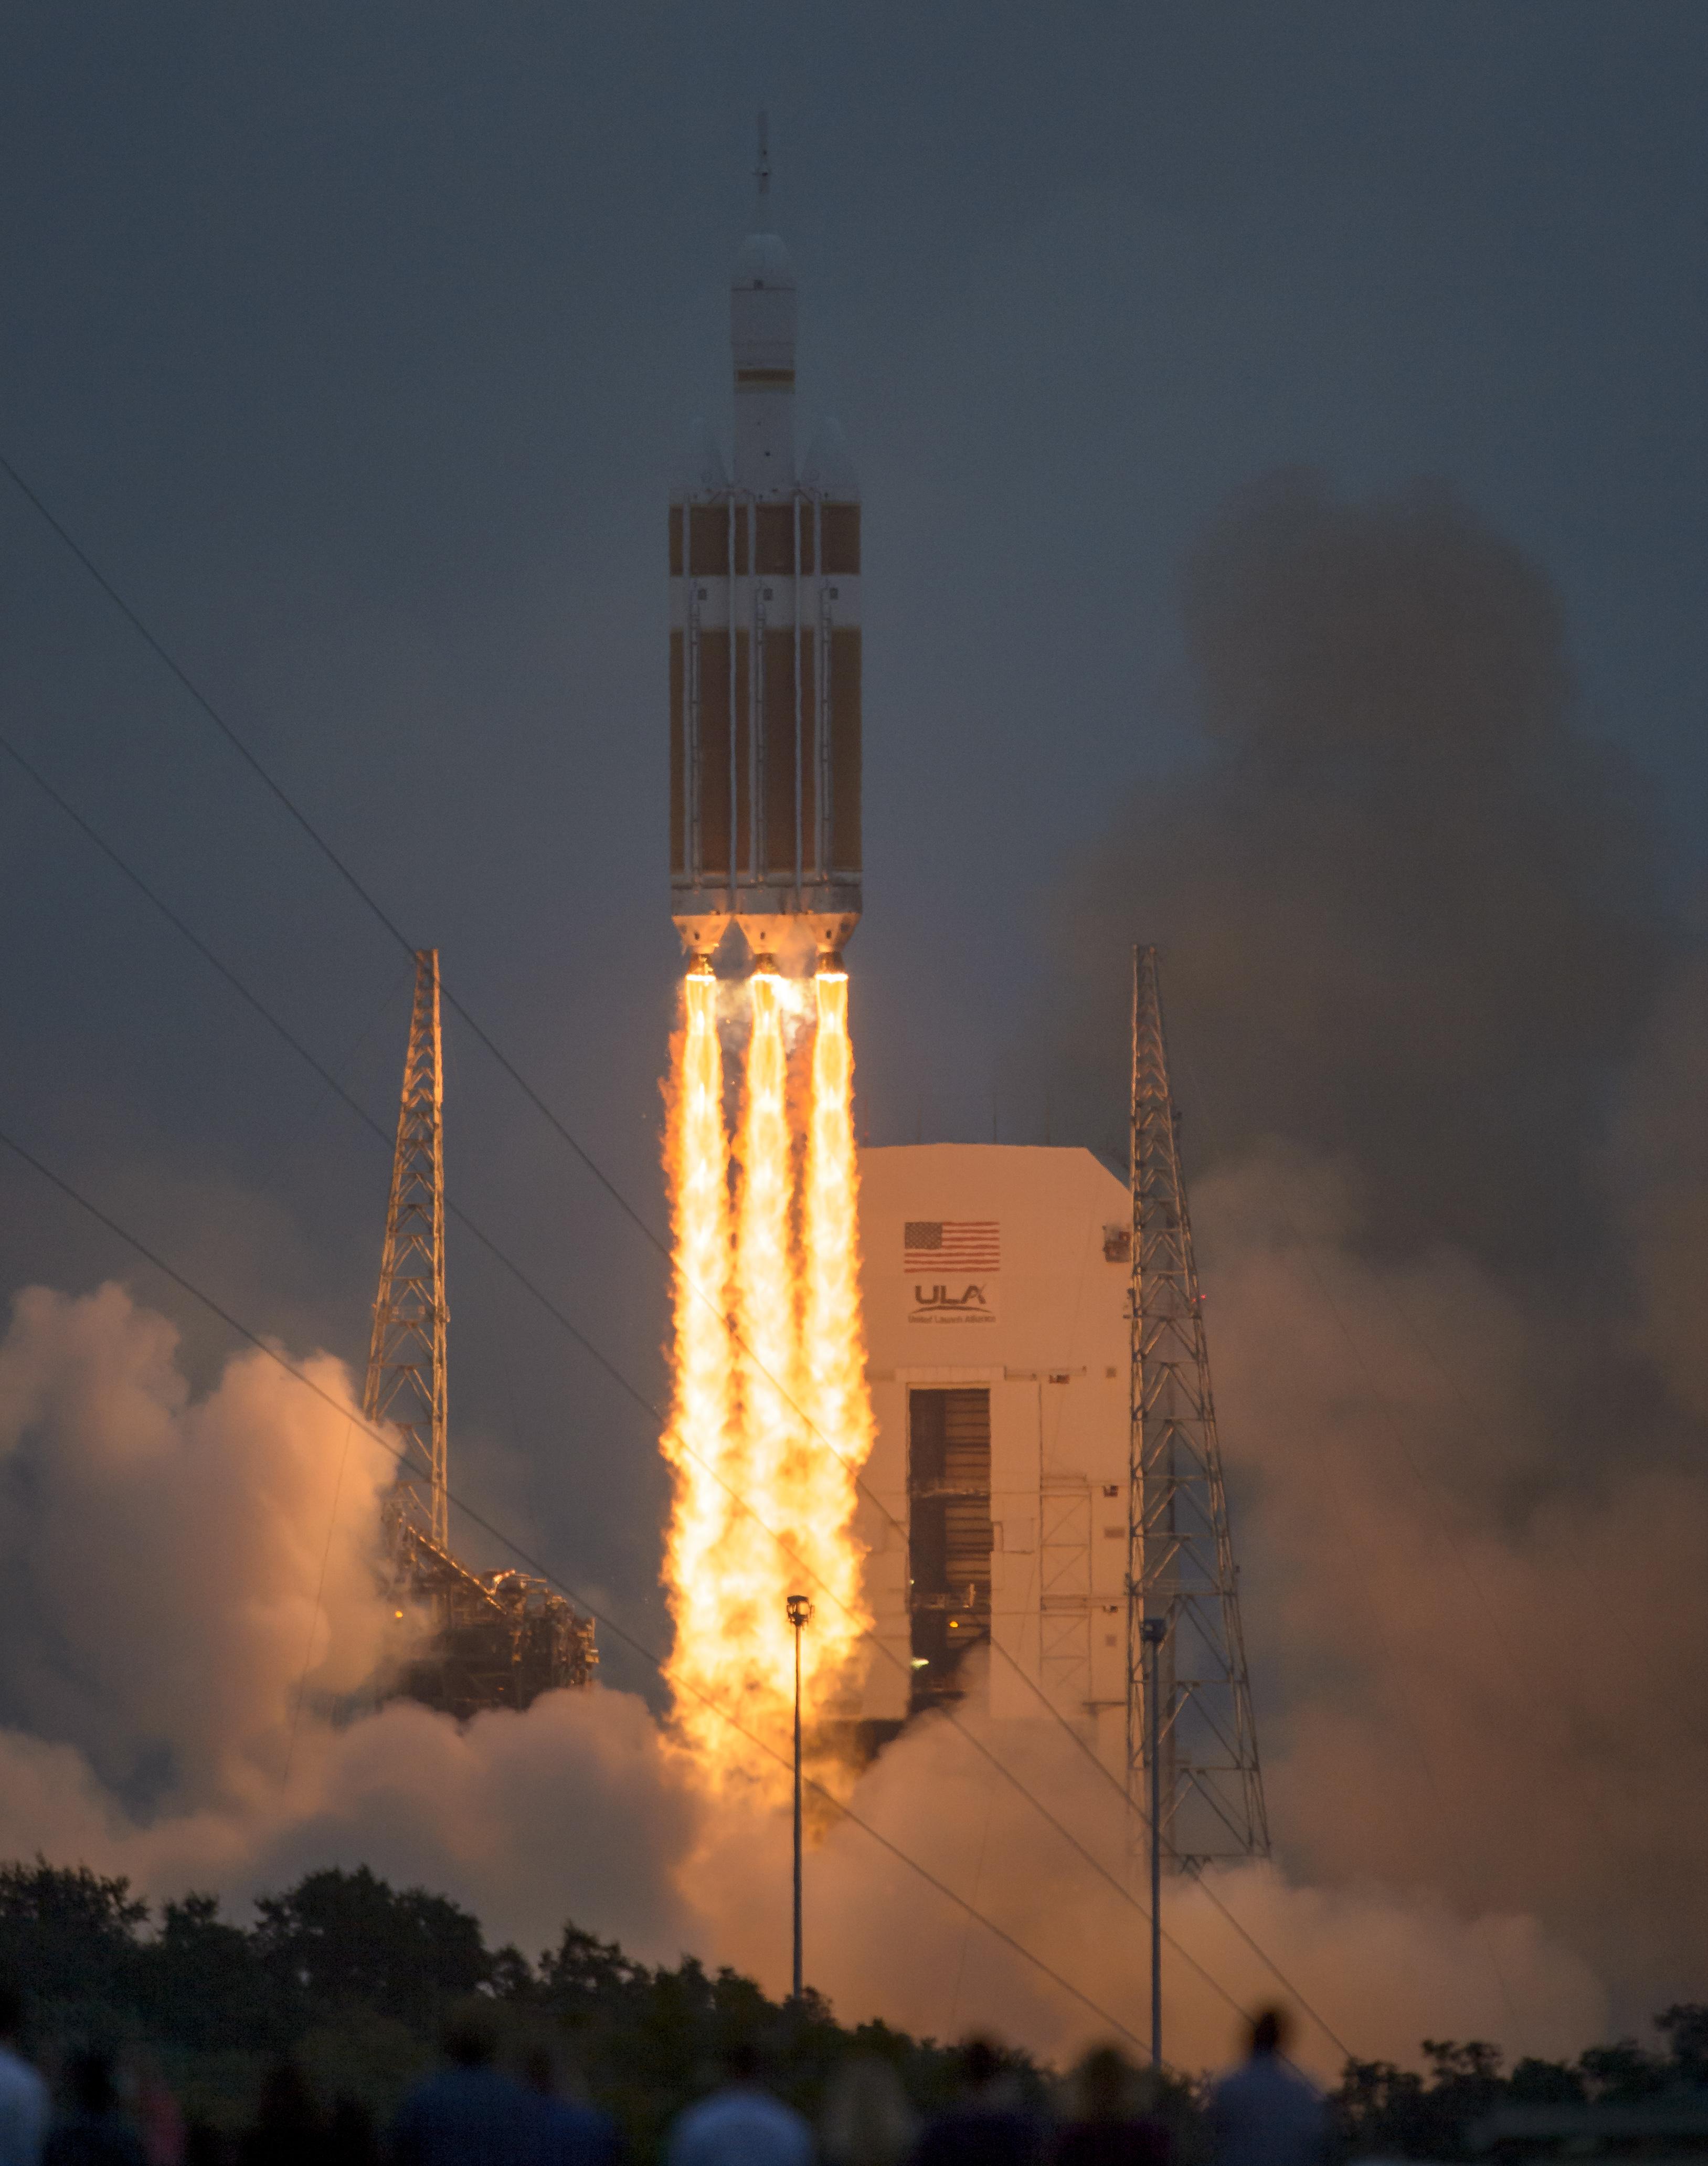 delta space rocket - photo #46